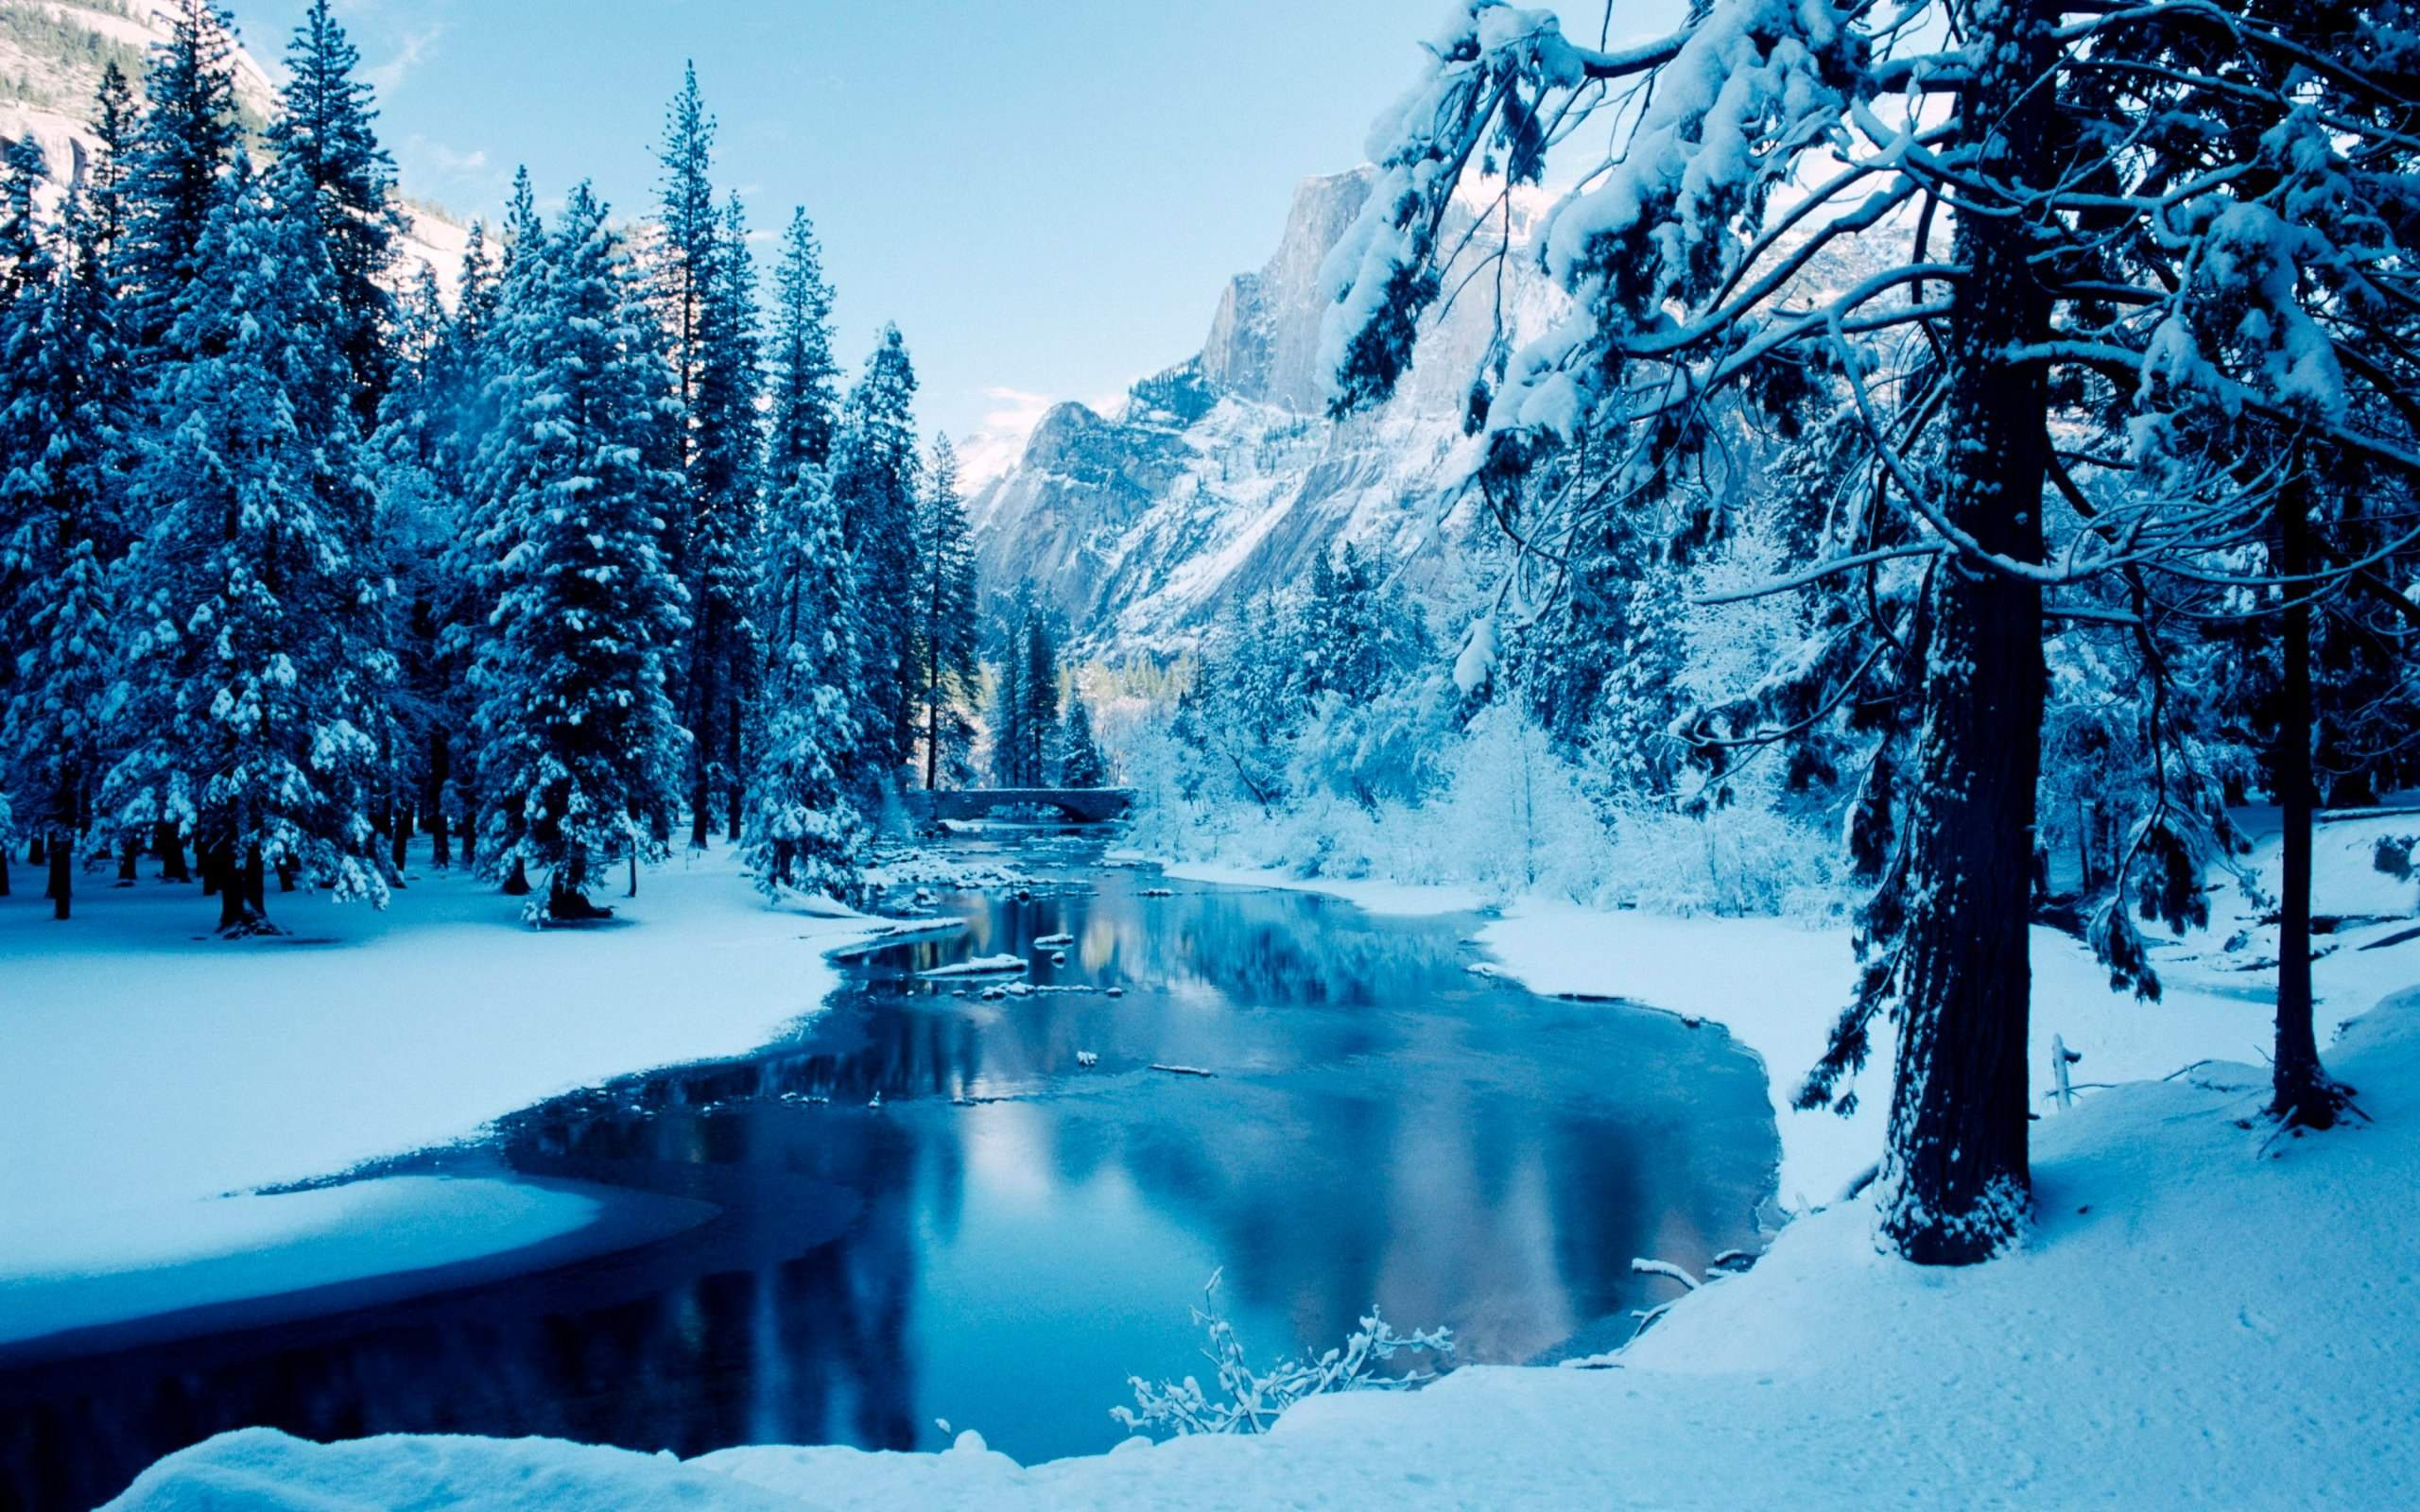 Blue Snow Winter #6997009